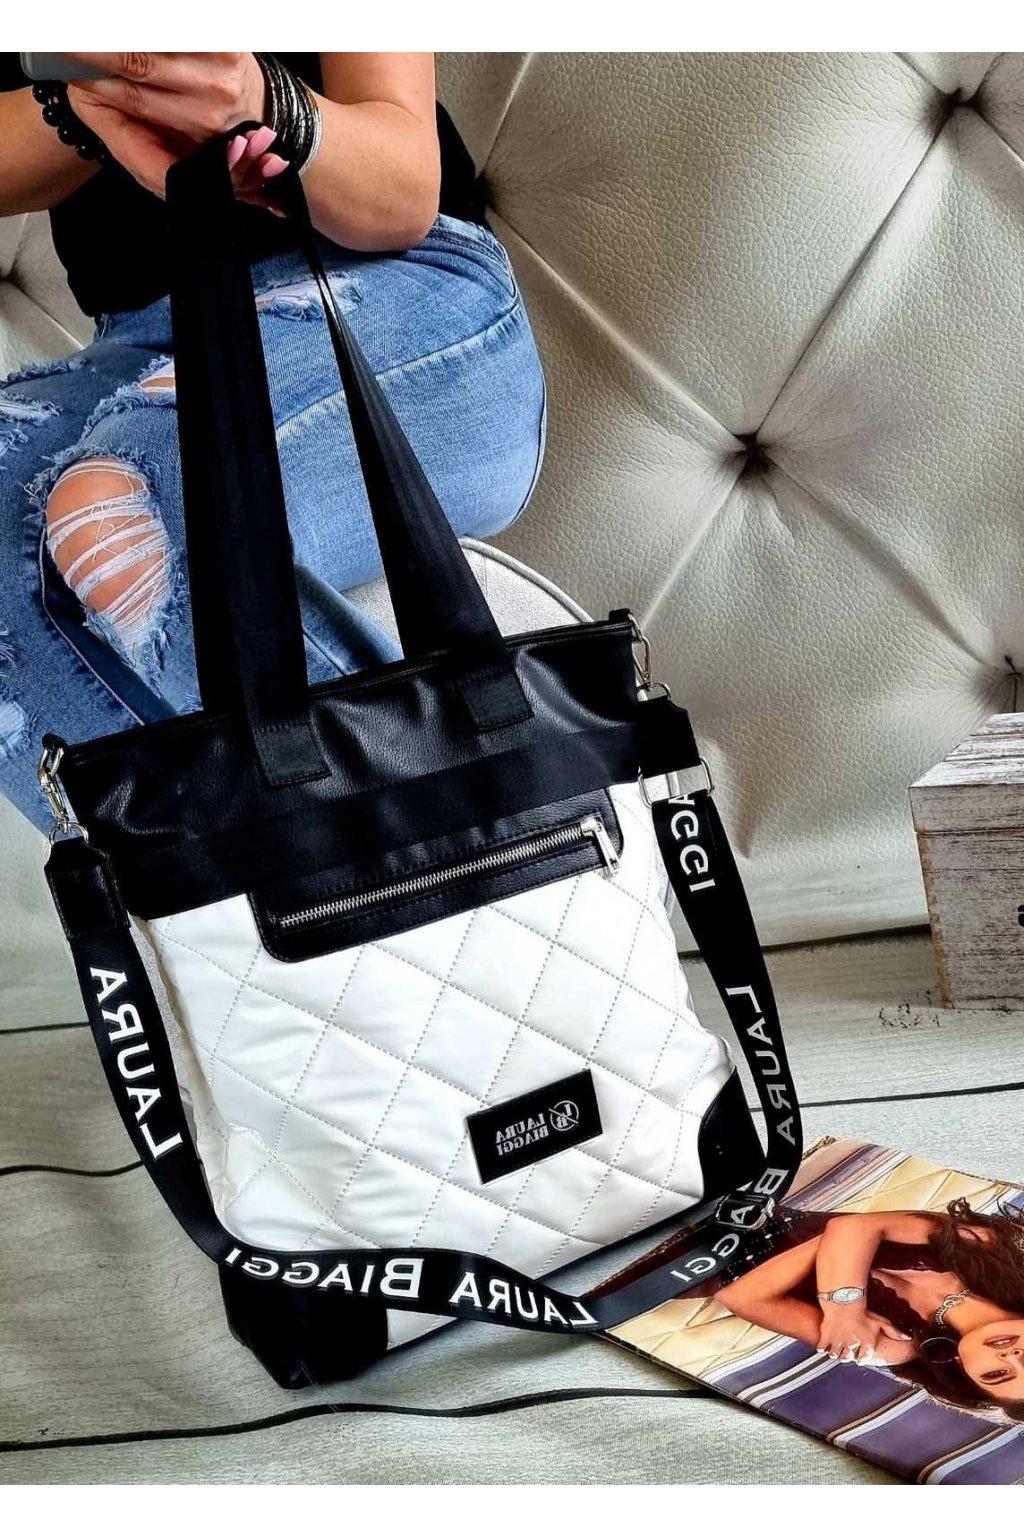 Laura Biaggi značková kabelka luxusní trendy černobílá exklusive top design